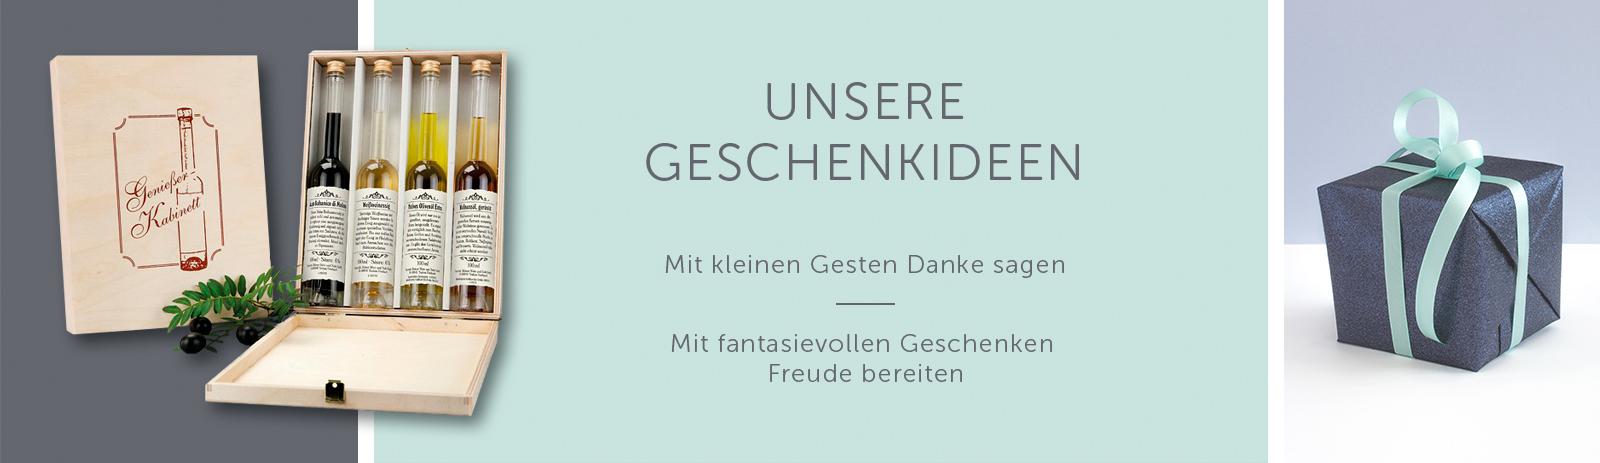 Weihnachtsgeschenke Geschäftspartner.Geschenkideen Für Geschäftspartner Kunden Mitarbeiter Raab Verlag